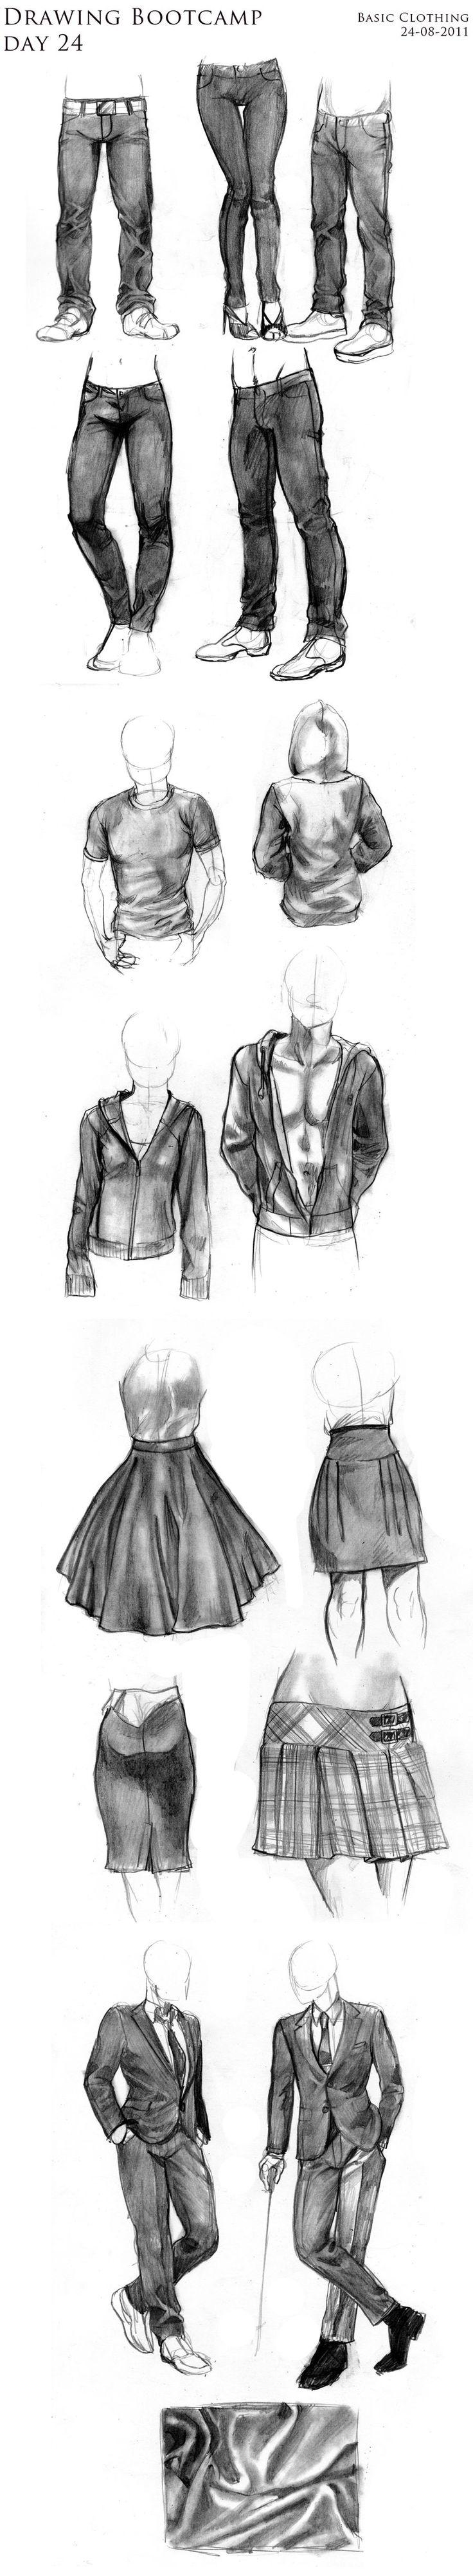 ideas de piernas y con sheans   y capuchas cameperas